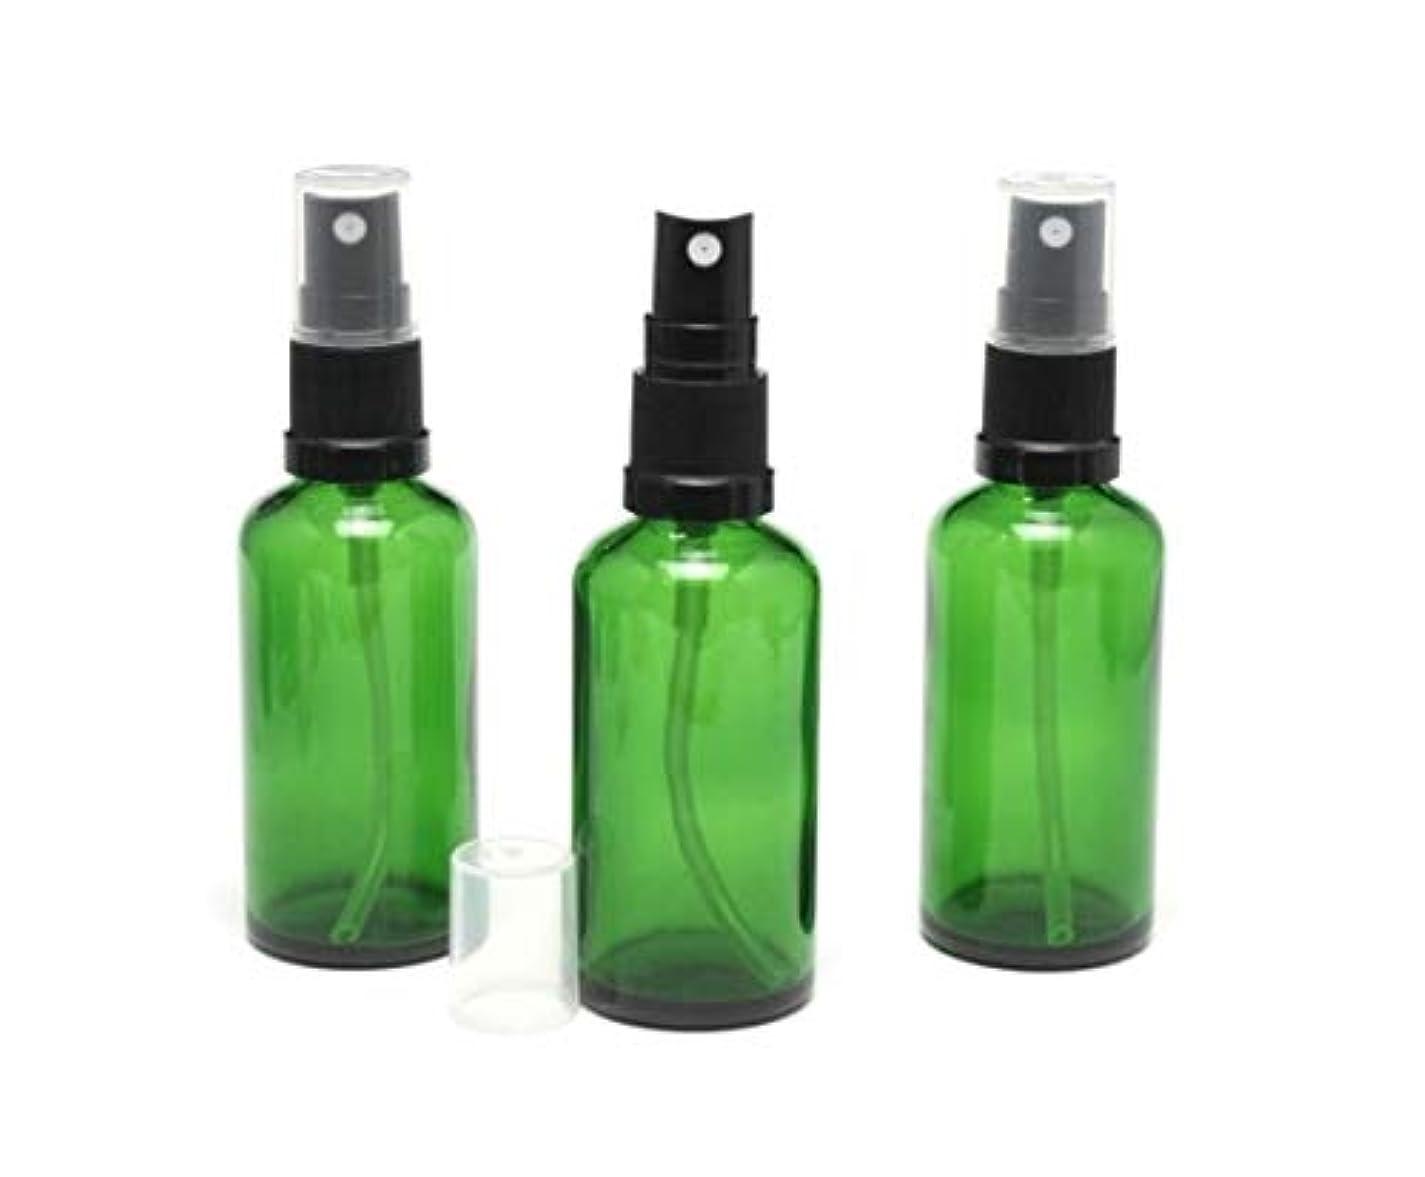 校長捕虜悲劇遮光瓶 スプレーボトル 50ml グリーン/ブラックヘッド(グラス/アトマイザー) 3本セット 【 新品アウトレットセール 】